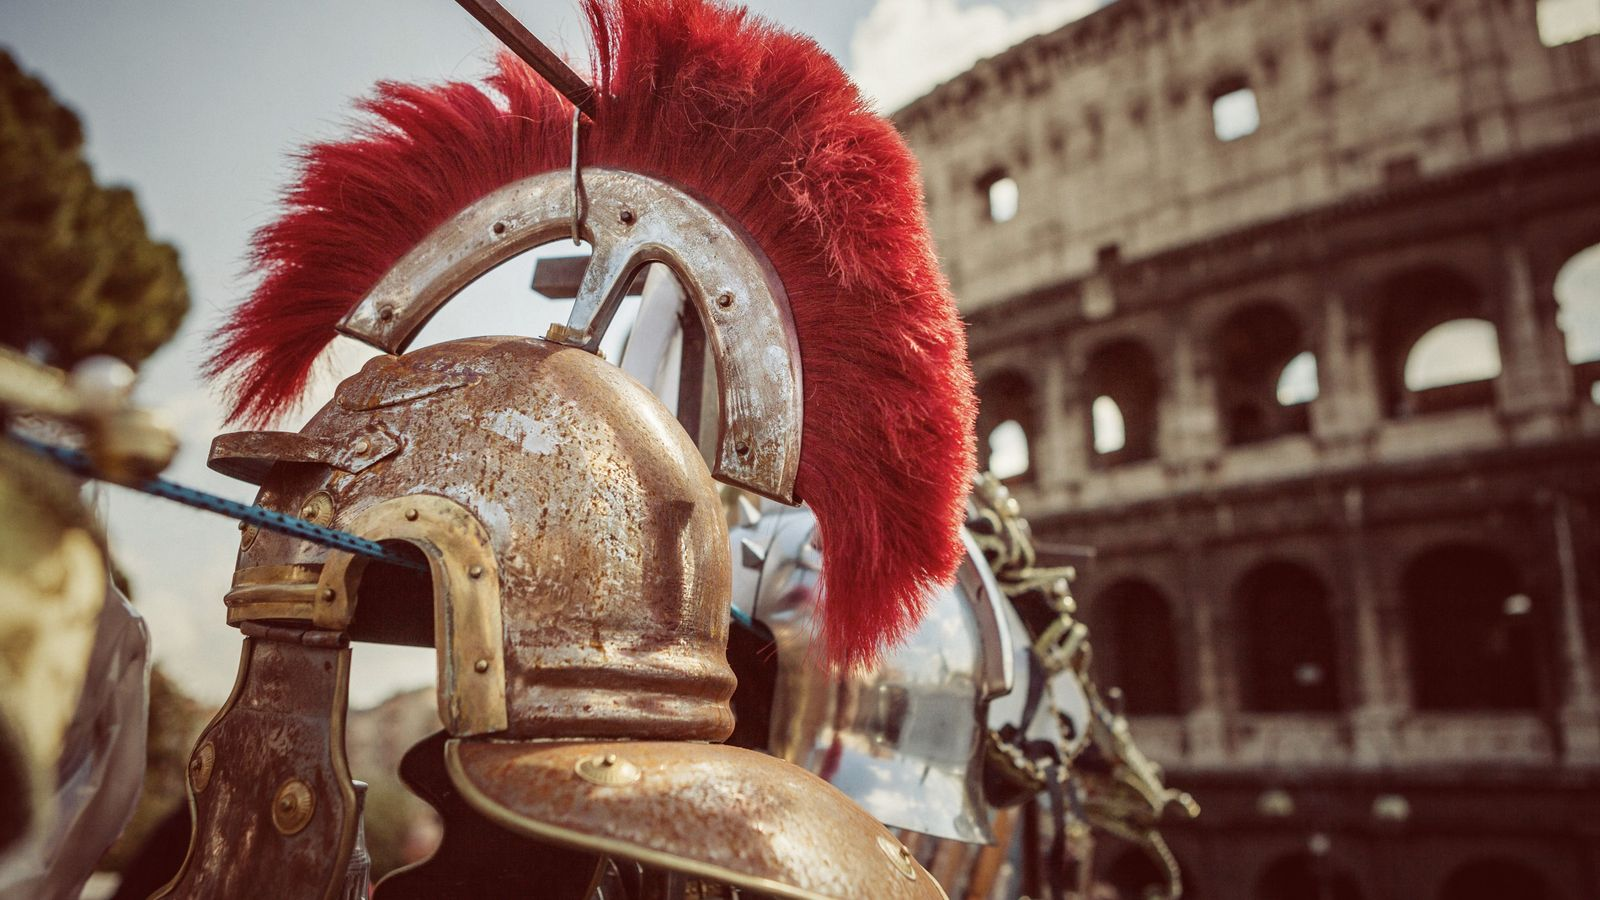 Casques de centurions exposés devant le Colisée, à Rome.